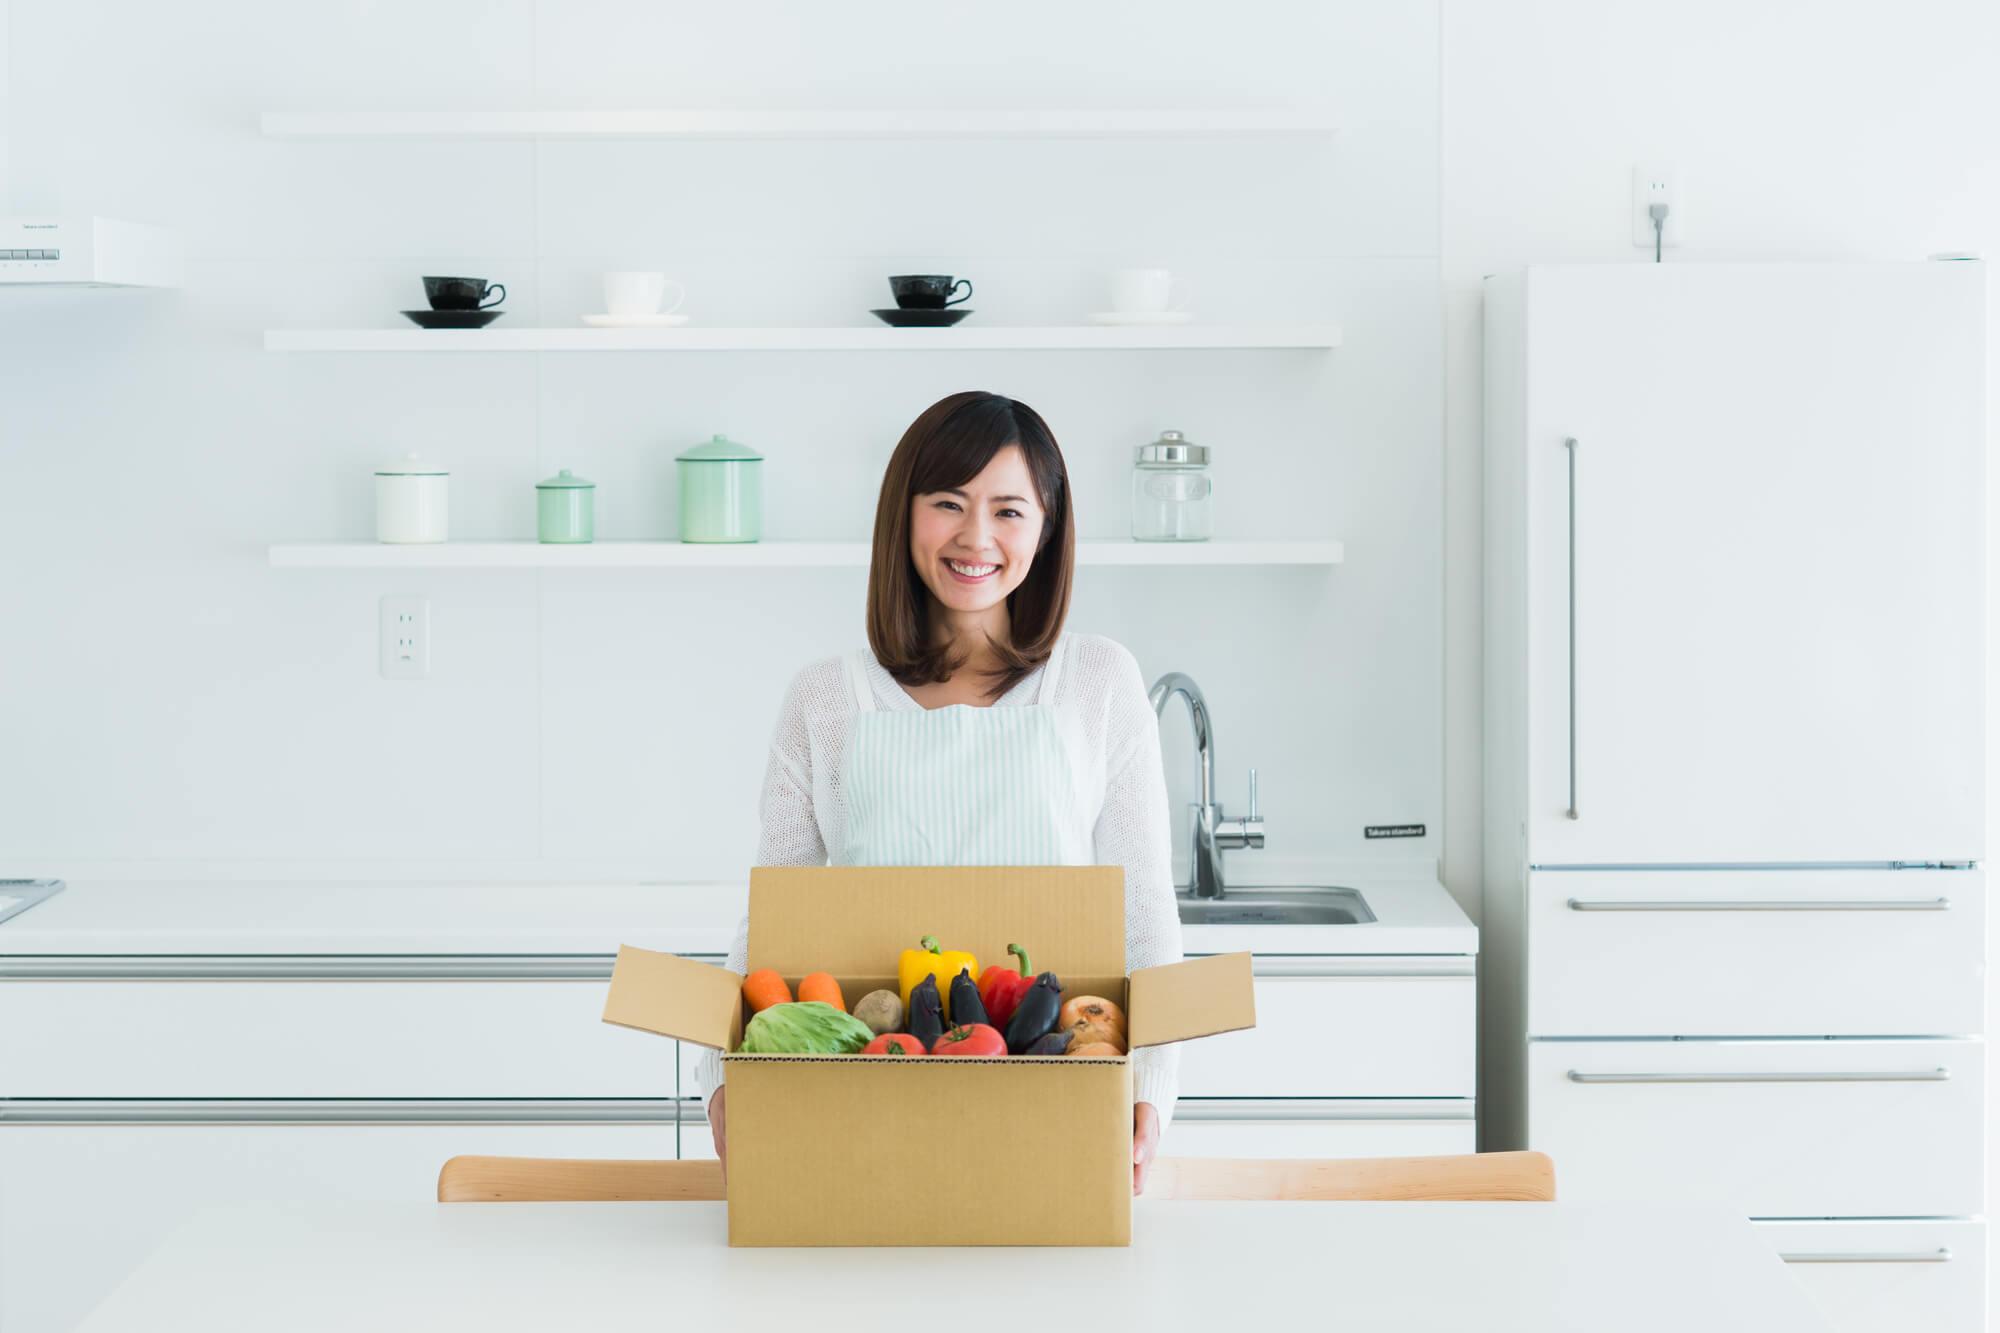 食材宅配でひとり暮らしに便利な宅配サービス5社を比べてみた!